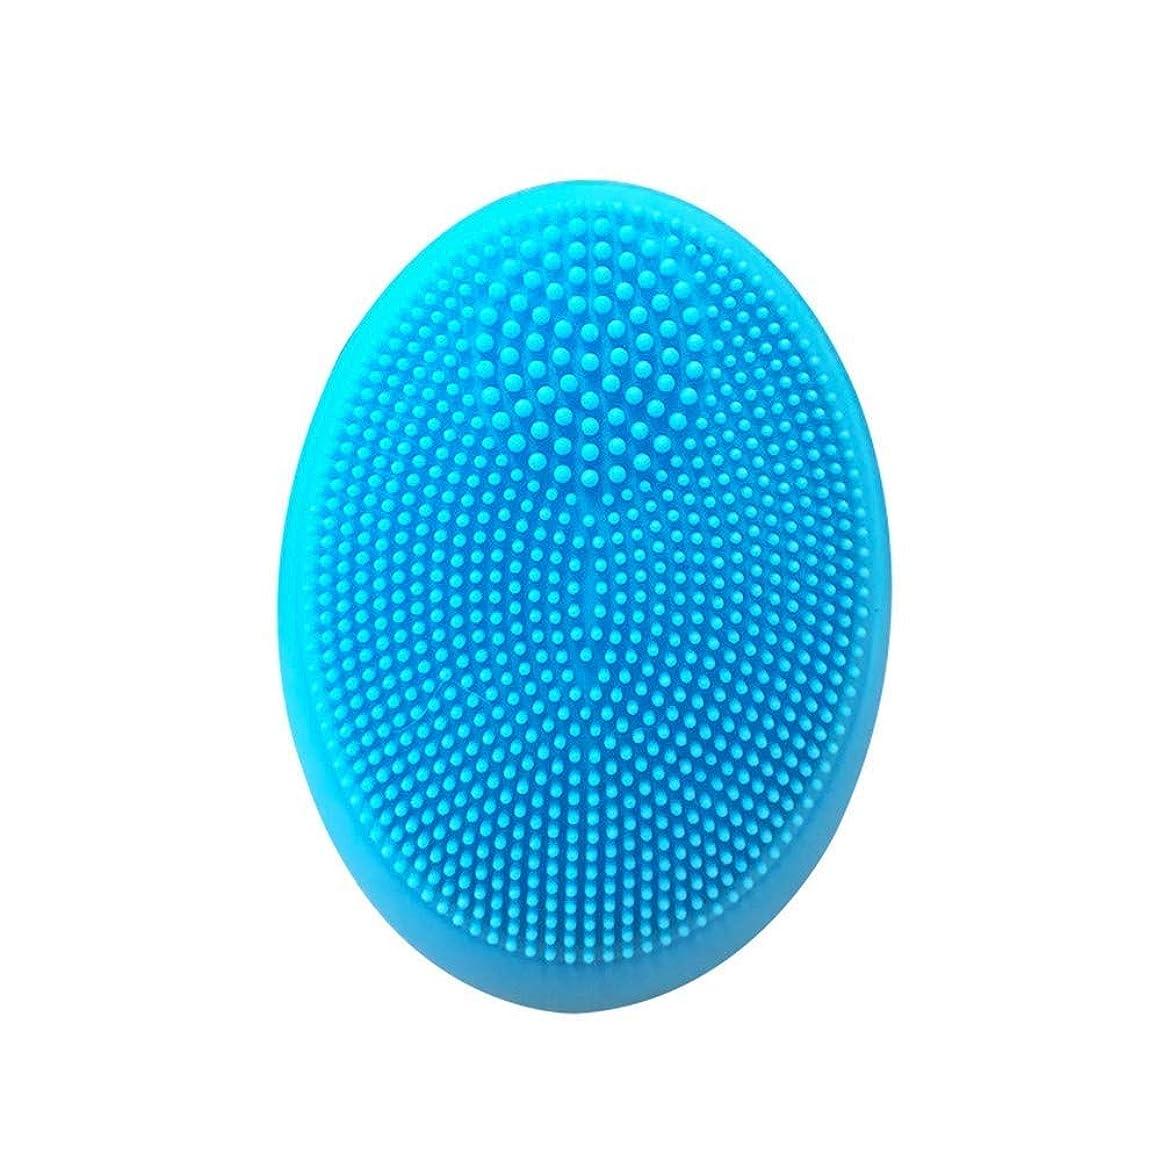 熟す可動式精算LT 強力な電気小型シリコーンの清潔になる器械、携帯用清潔になる毛穴のブラックヘッド(ピンク/青) (Color : Blue)